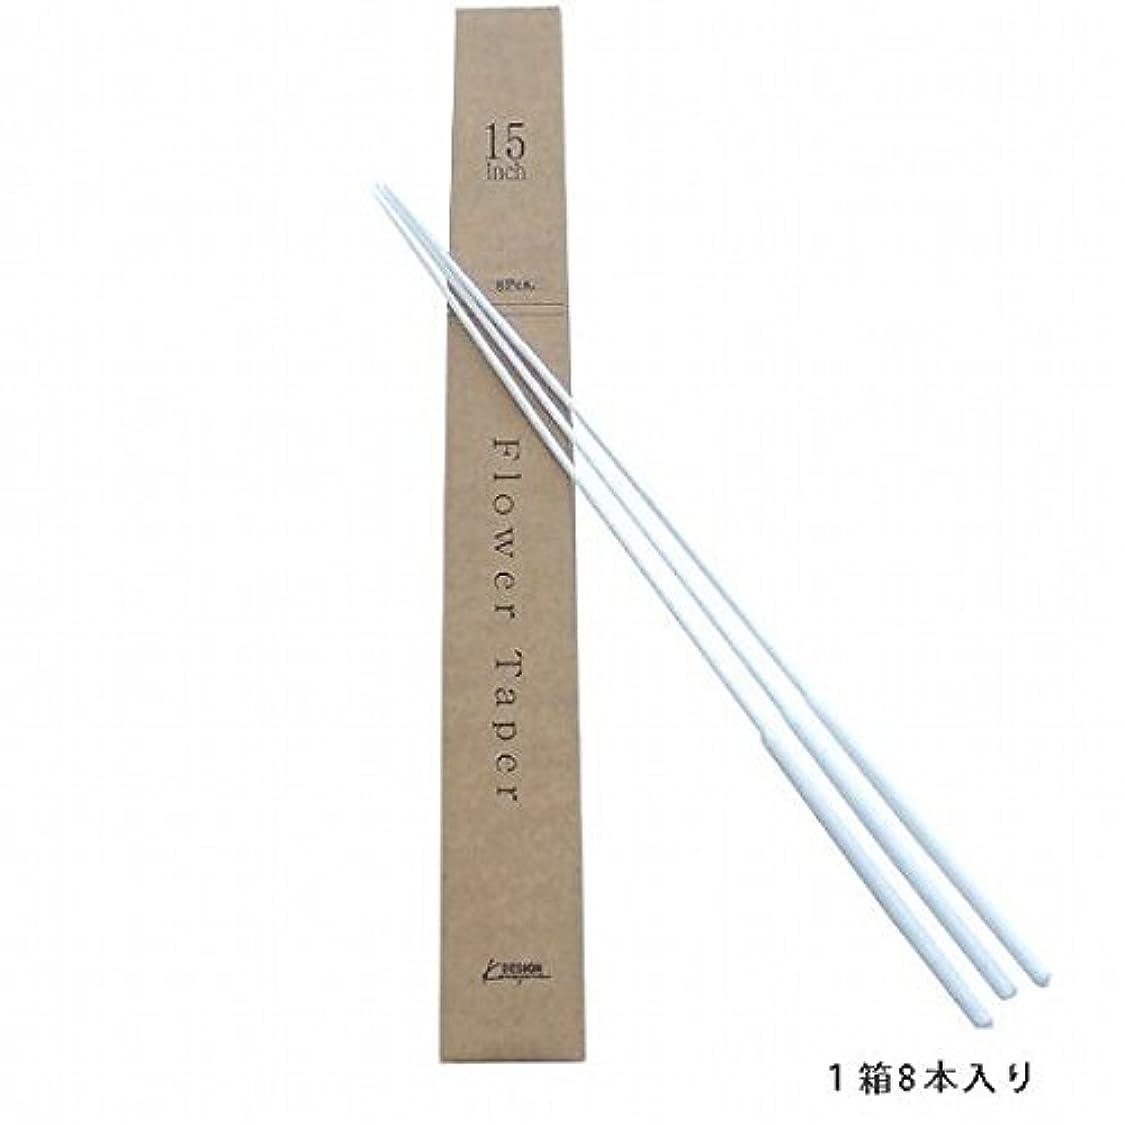 マイクロプロセッサ前方へコットンkameyama candle(カメヤマキャンドル) 15インチトーチ用フラワーテーパー 8本入 「 ホワイト 」(71839998W)